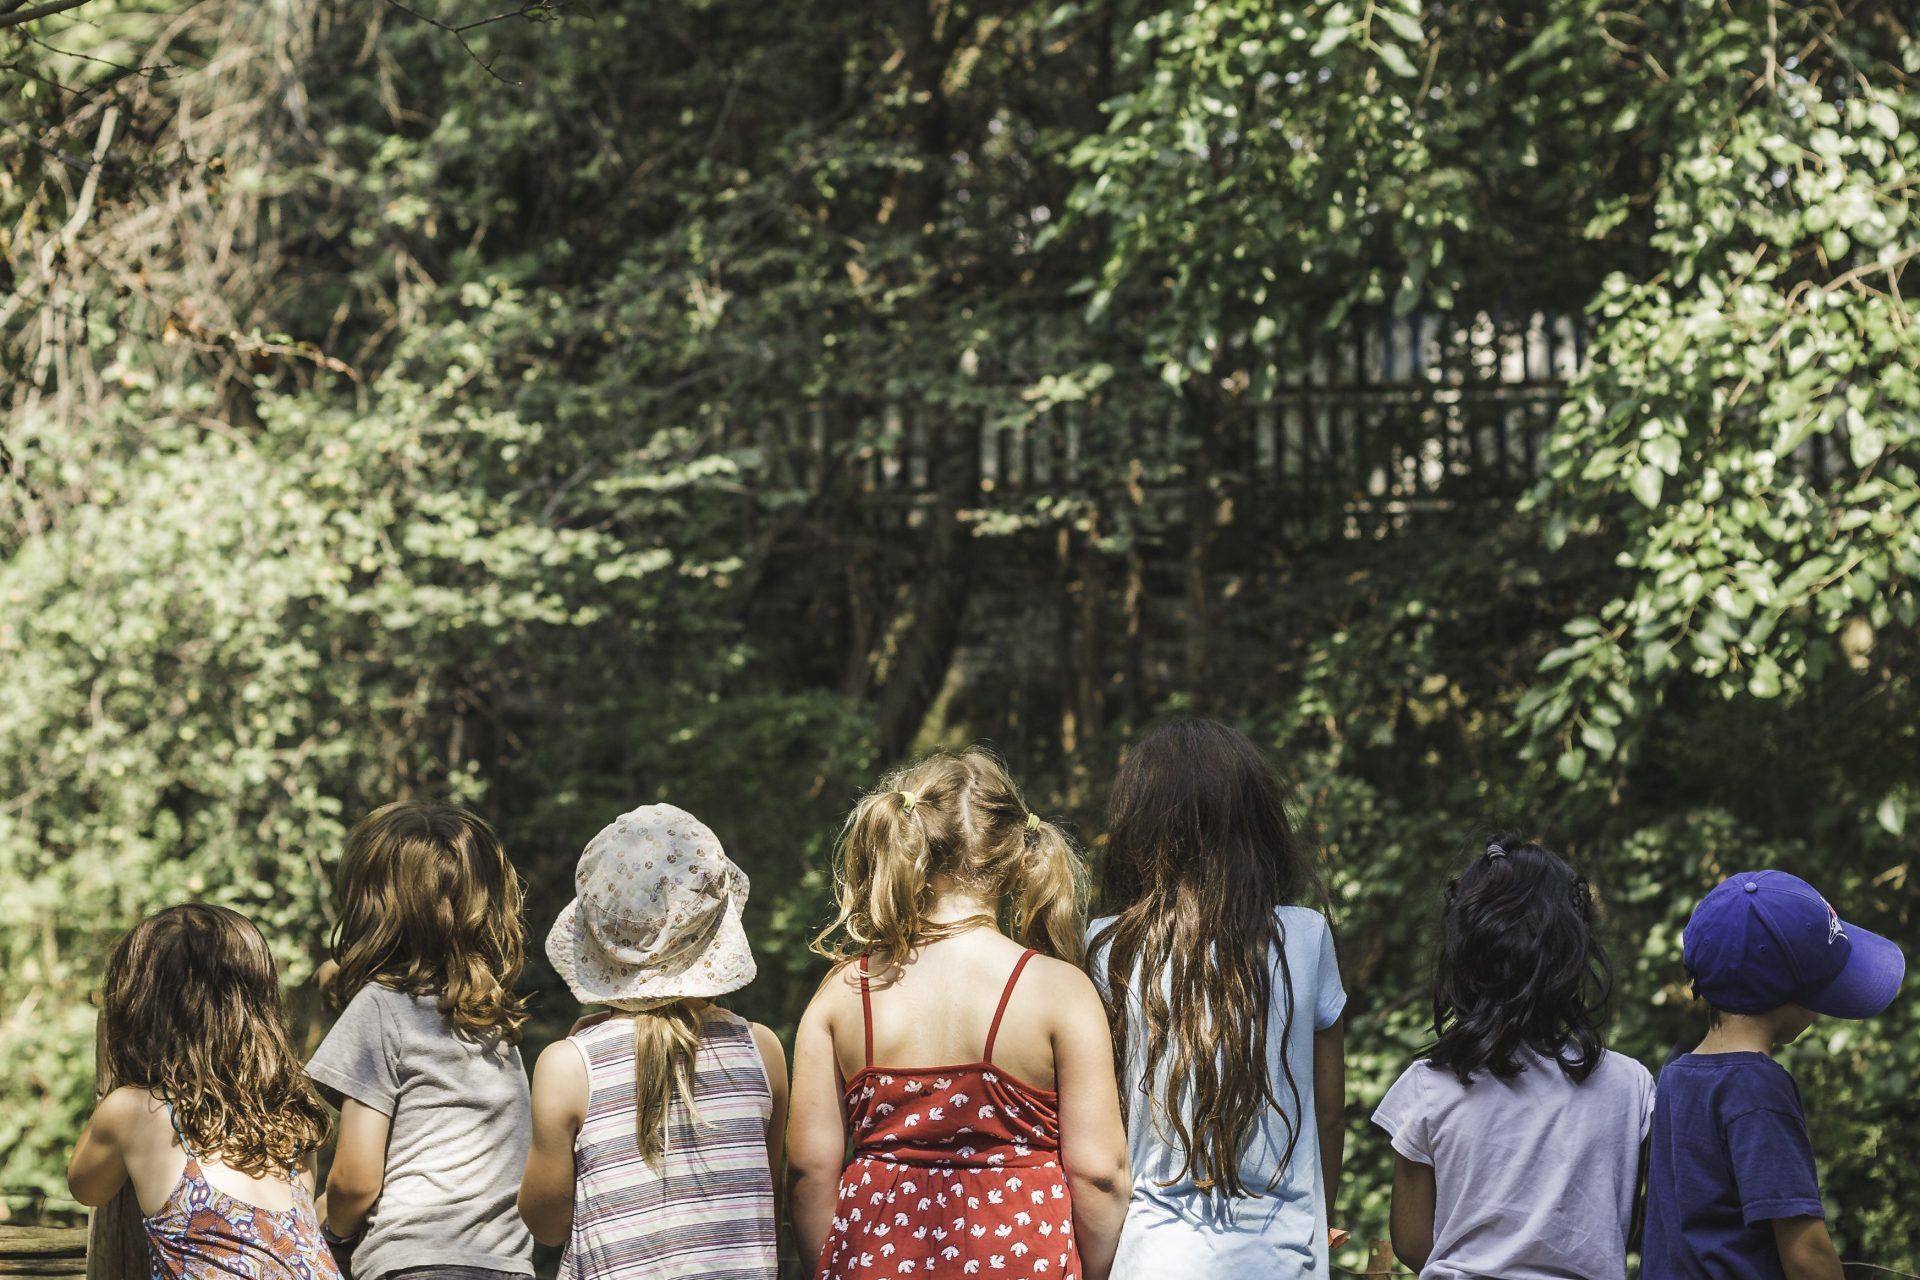 Des enfant se tiennent alignés de dos.